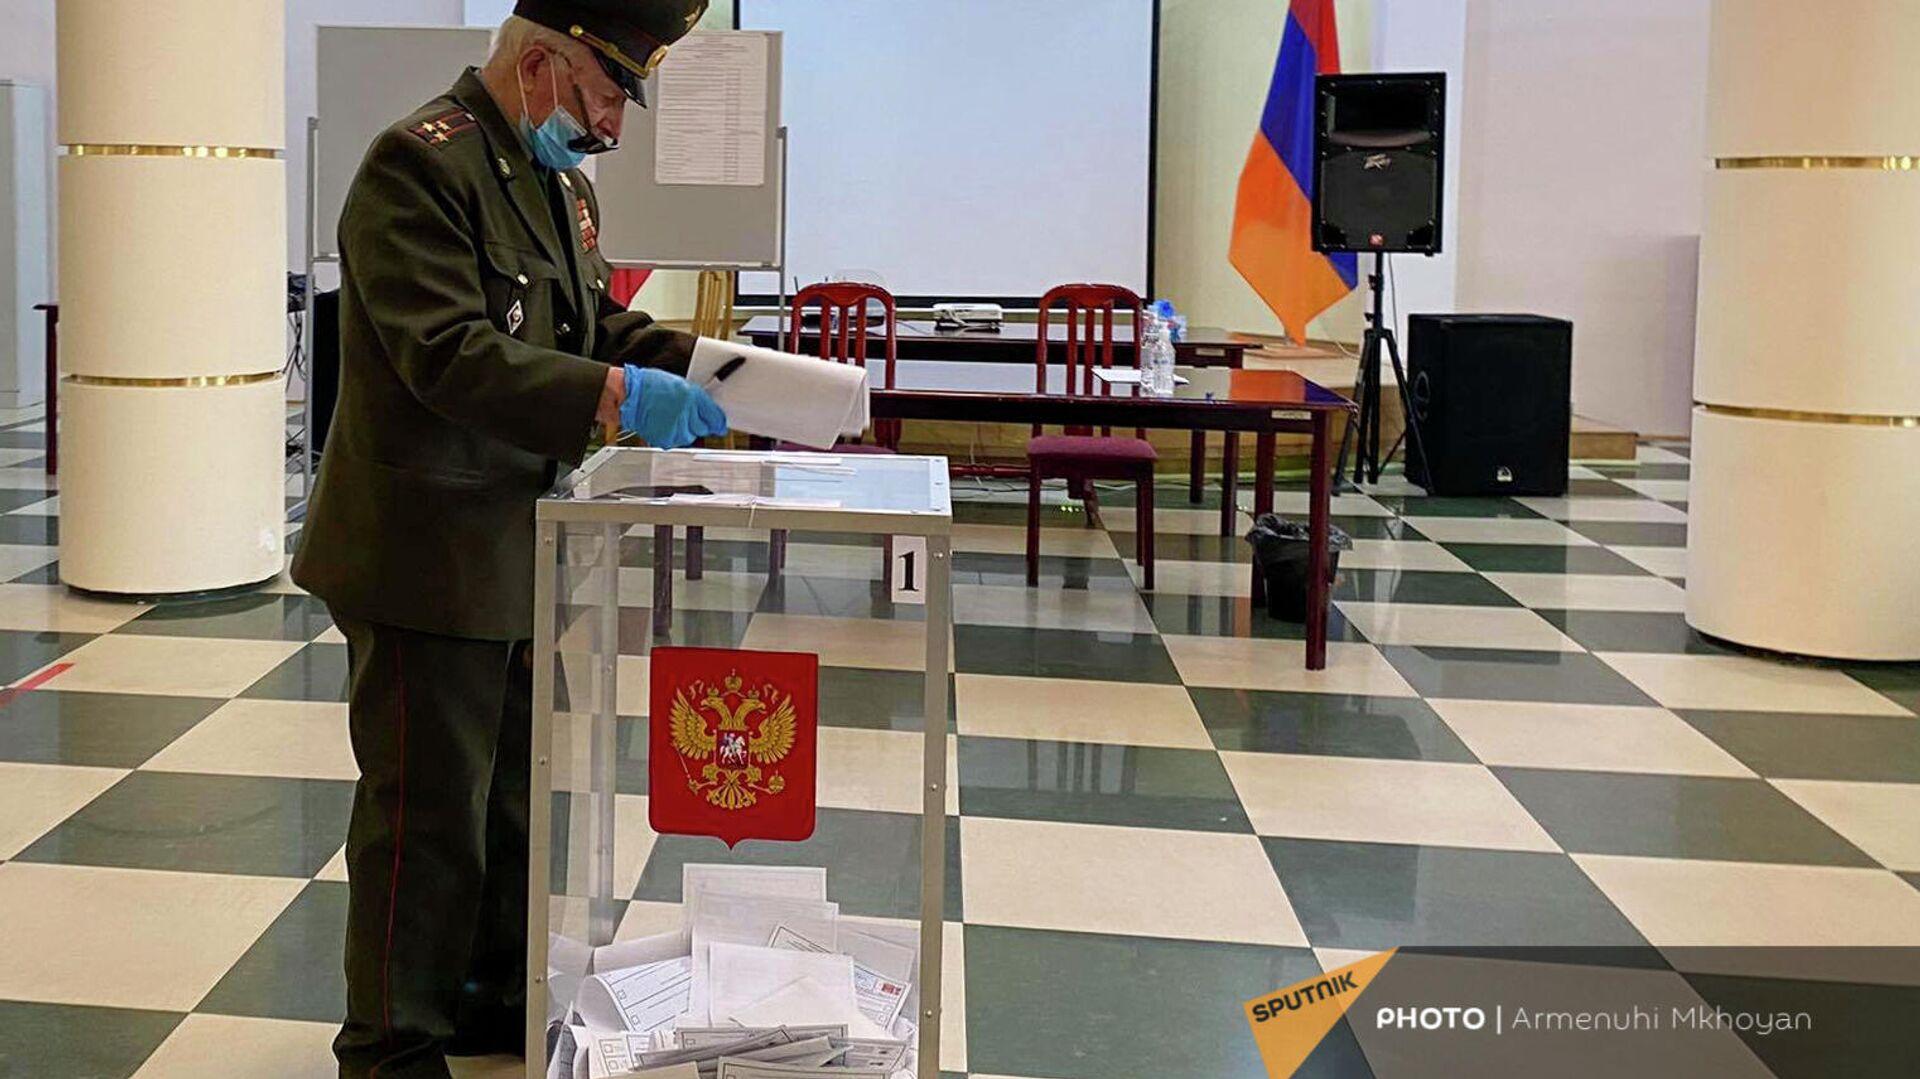 ՌԴ Պետդումայի ընտրությունները Գյումրիում - Sputnik Արմենիա, 1920, 19.09.2021